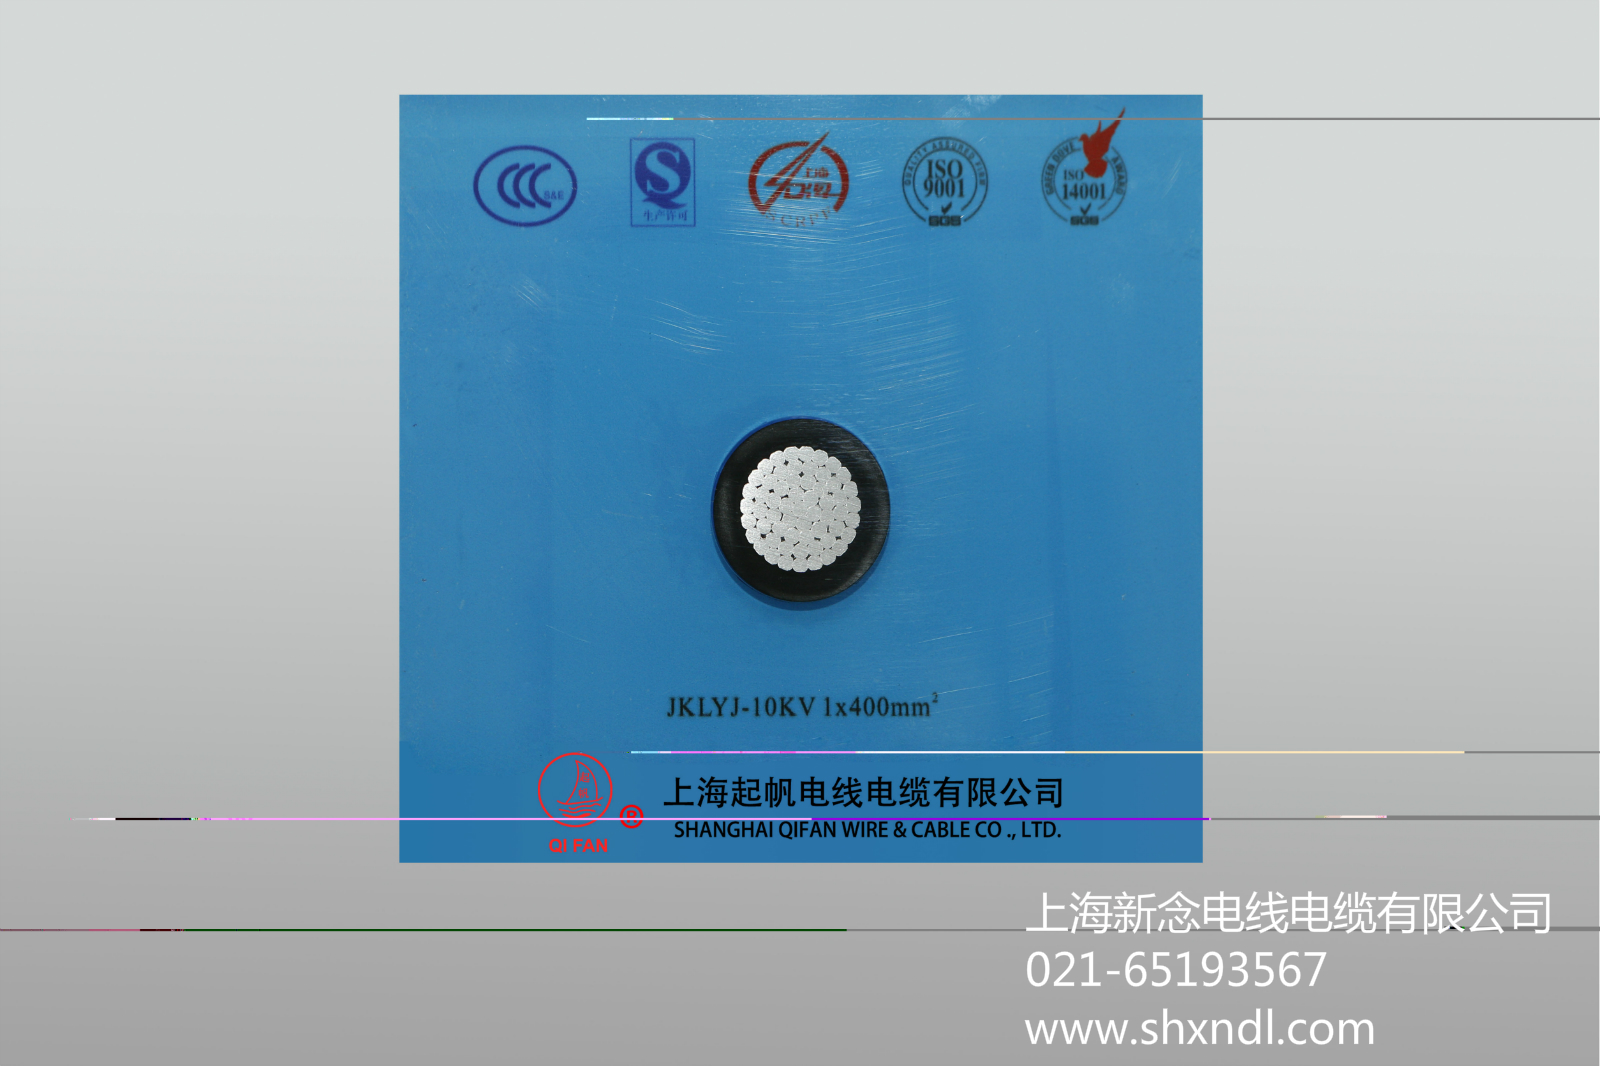 上海新念电线电缆告诉你架空绝缘线的特点有哪些